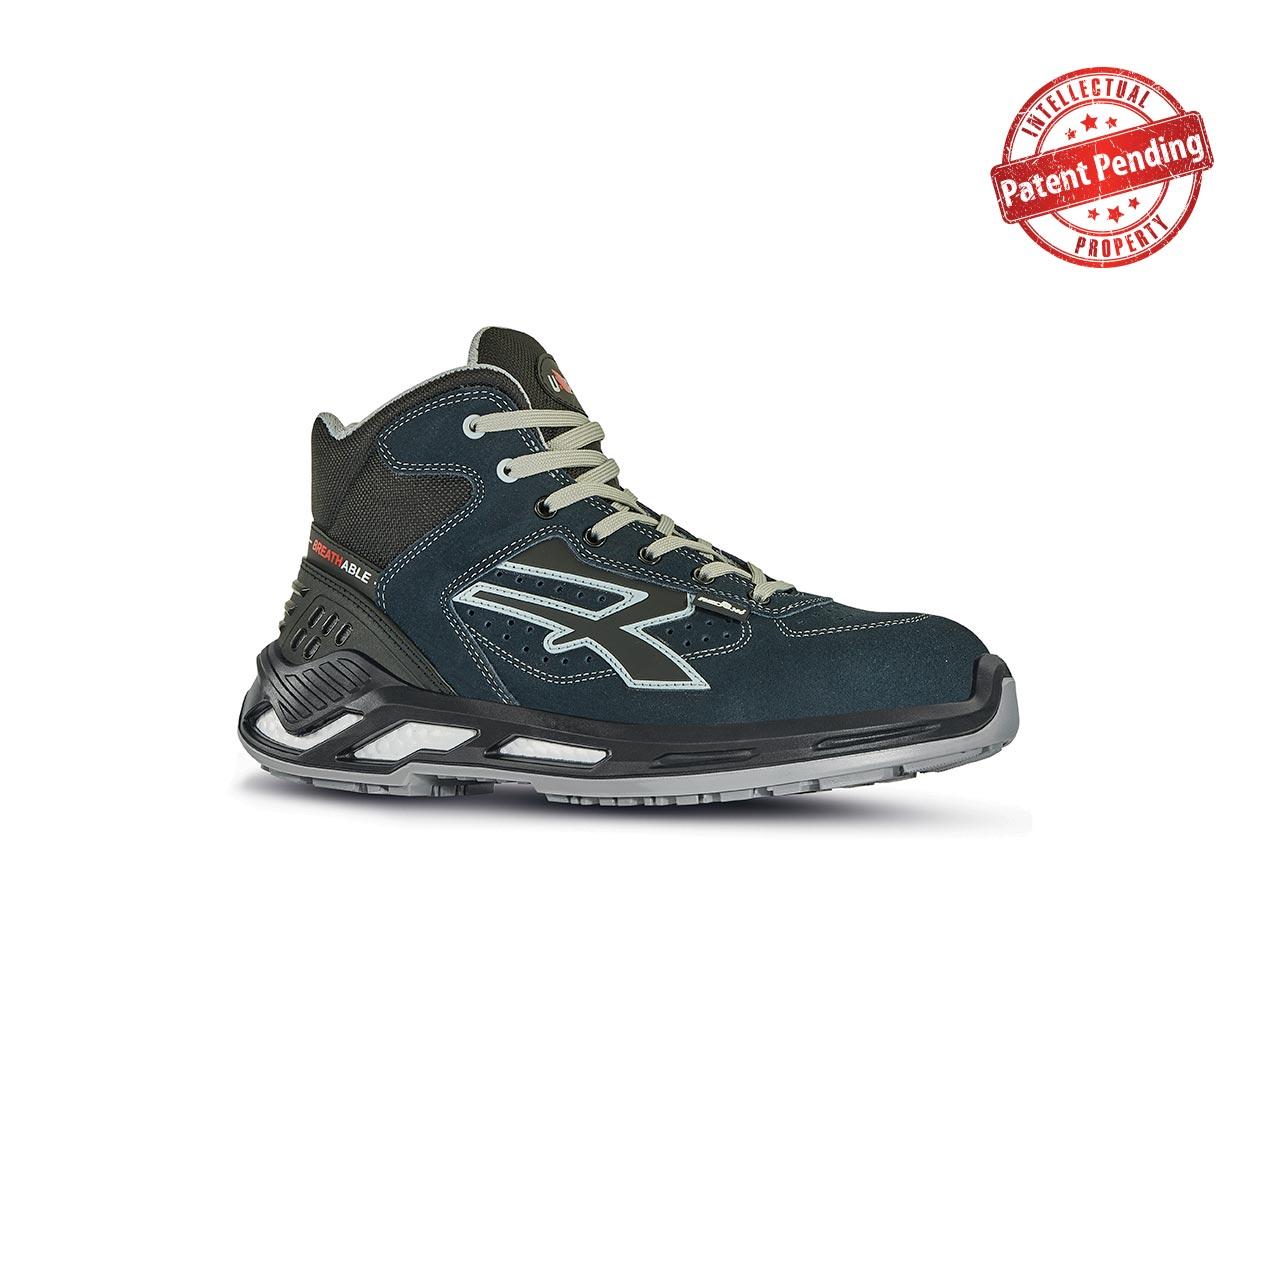 scarpa antinfortunistica upower modello blaster linea red360 vista laterale